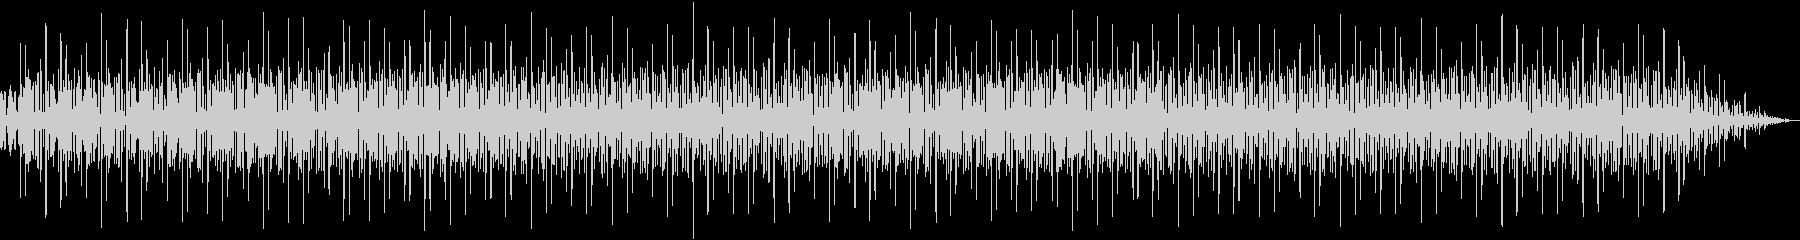 電子音がコミカルなエレクトロミュージックの未再生の波形